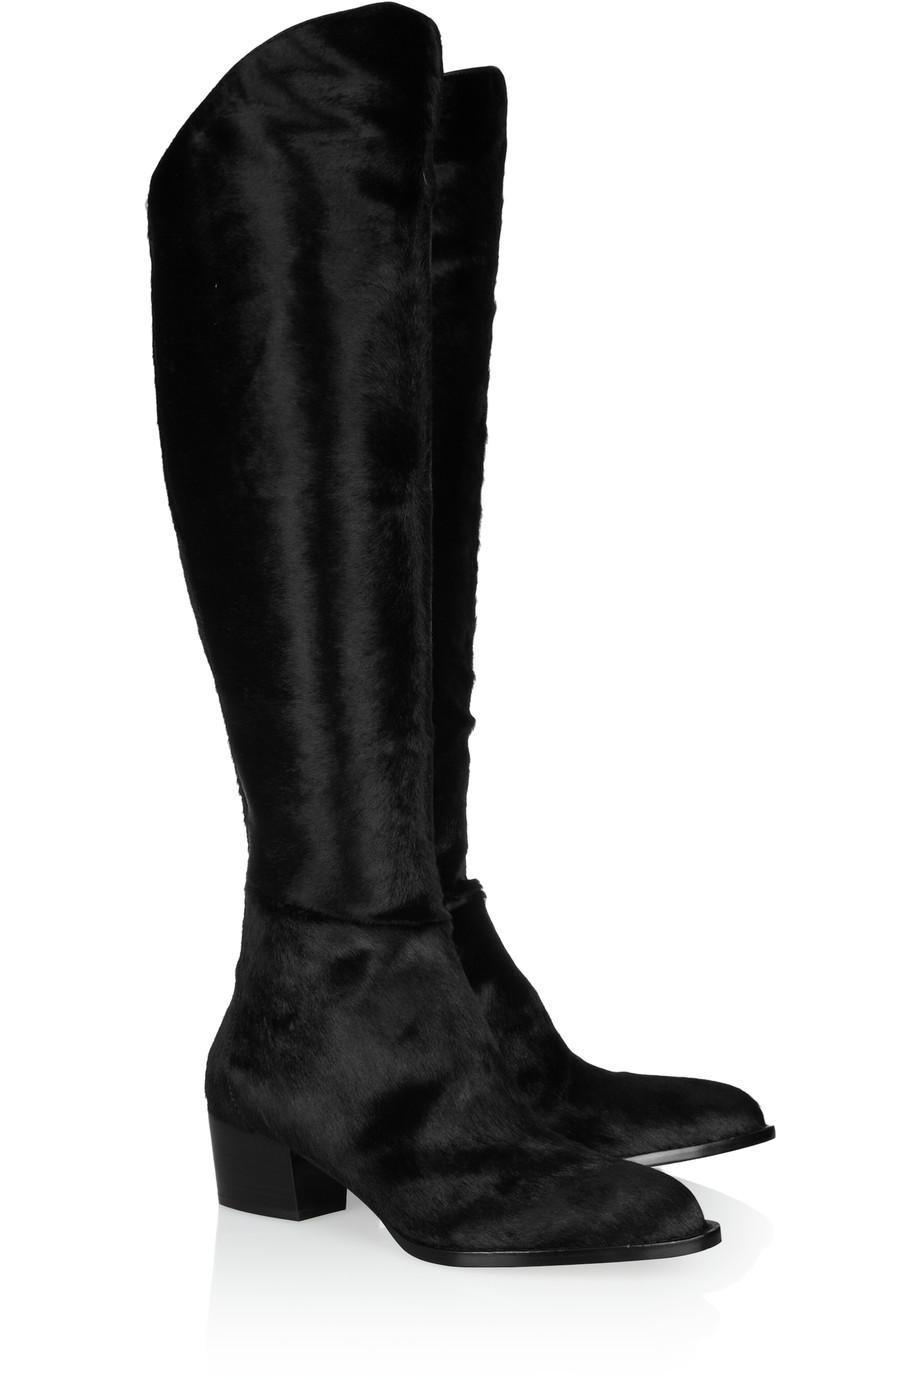 ALEXANDER WANG - Sigrid Calf Hair Knee Boots